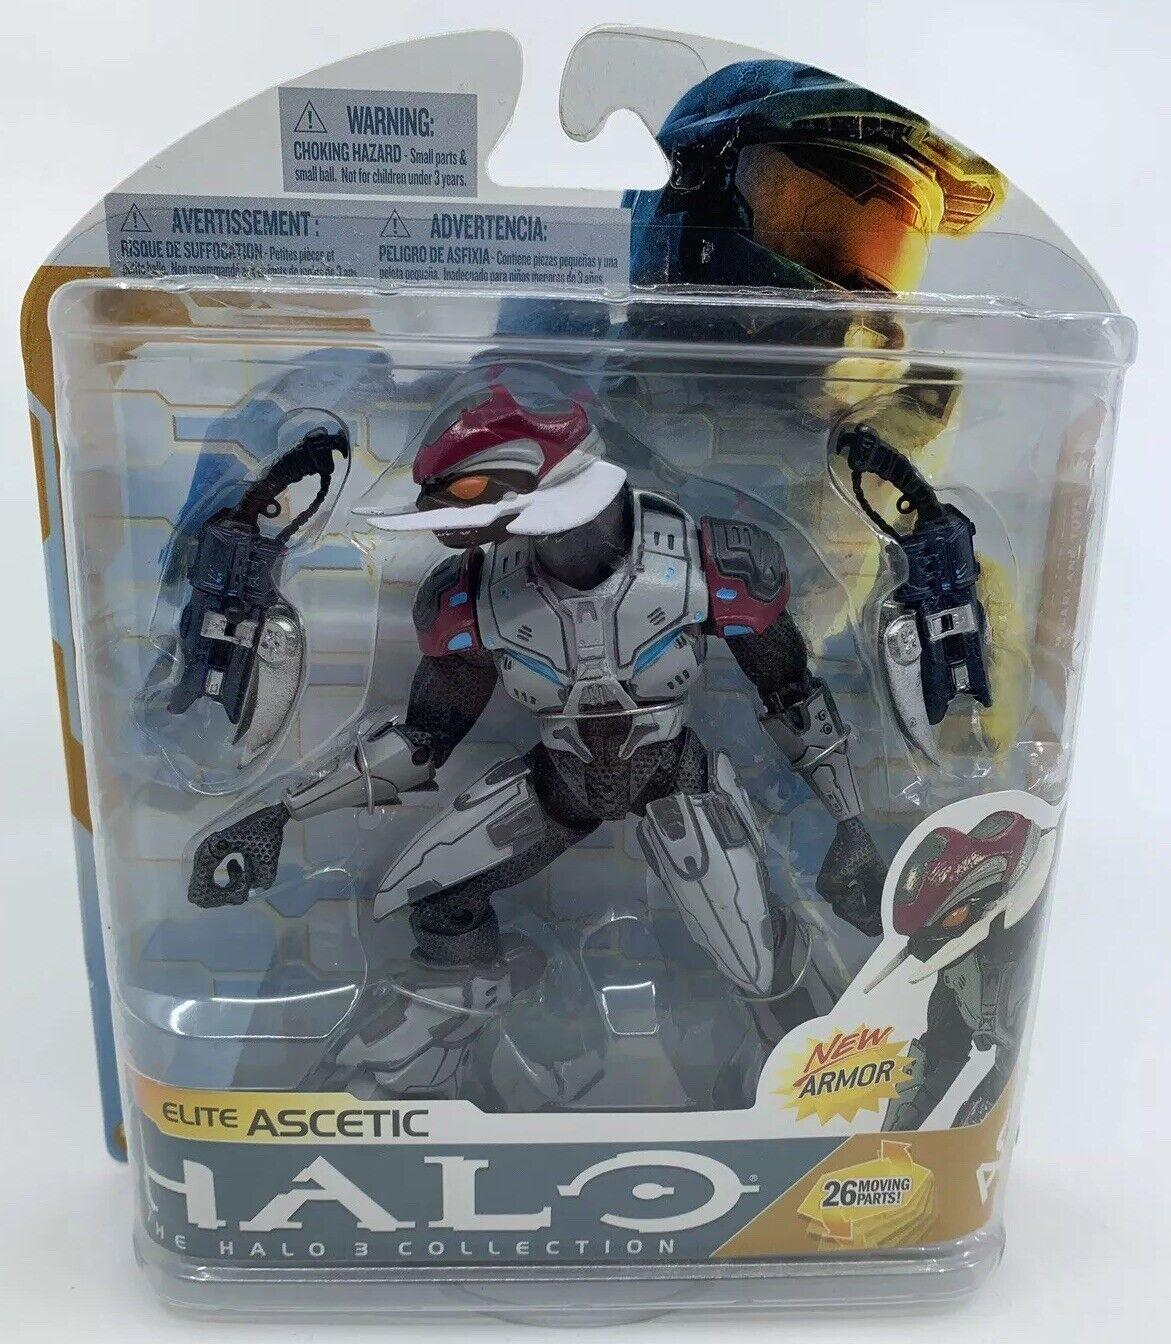 Nuovo 2010  Halo 3  Collection Elite Ascetic Mcfarlane giocattoli Covenant azione cifra  tempo libero